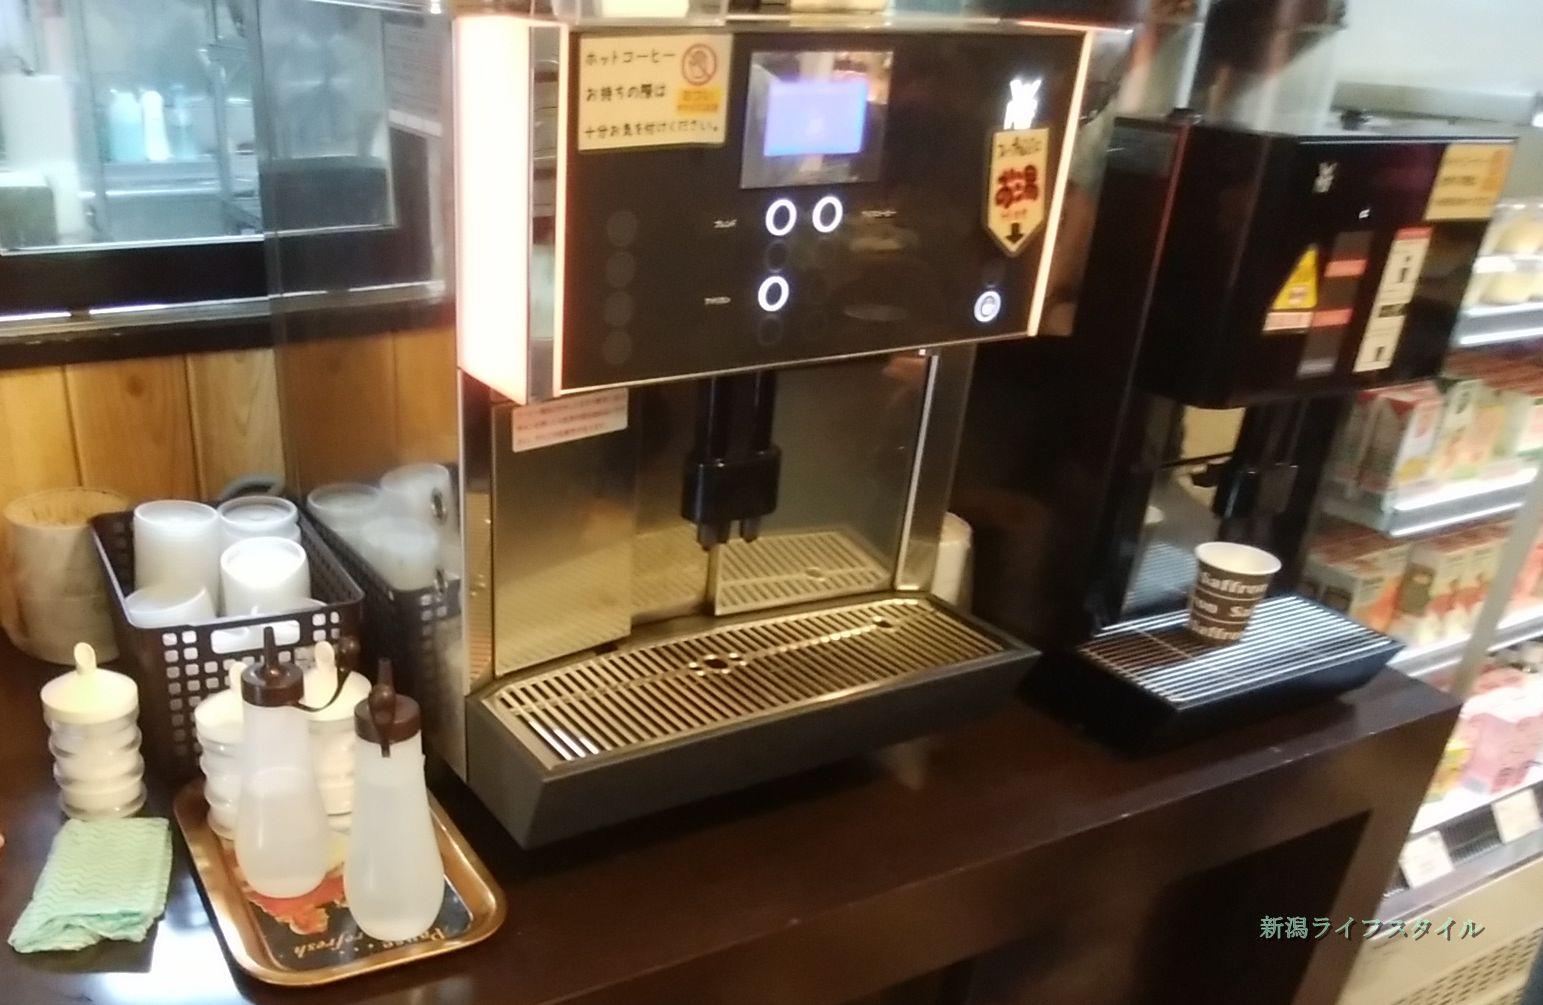 サフラン女池店のコーヒーマシン。